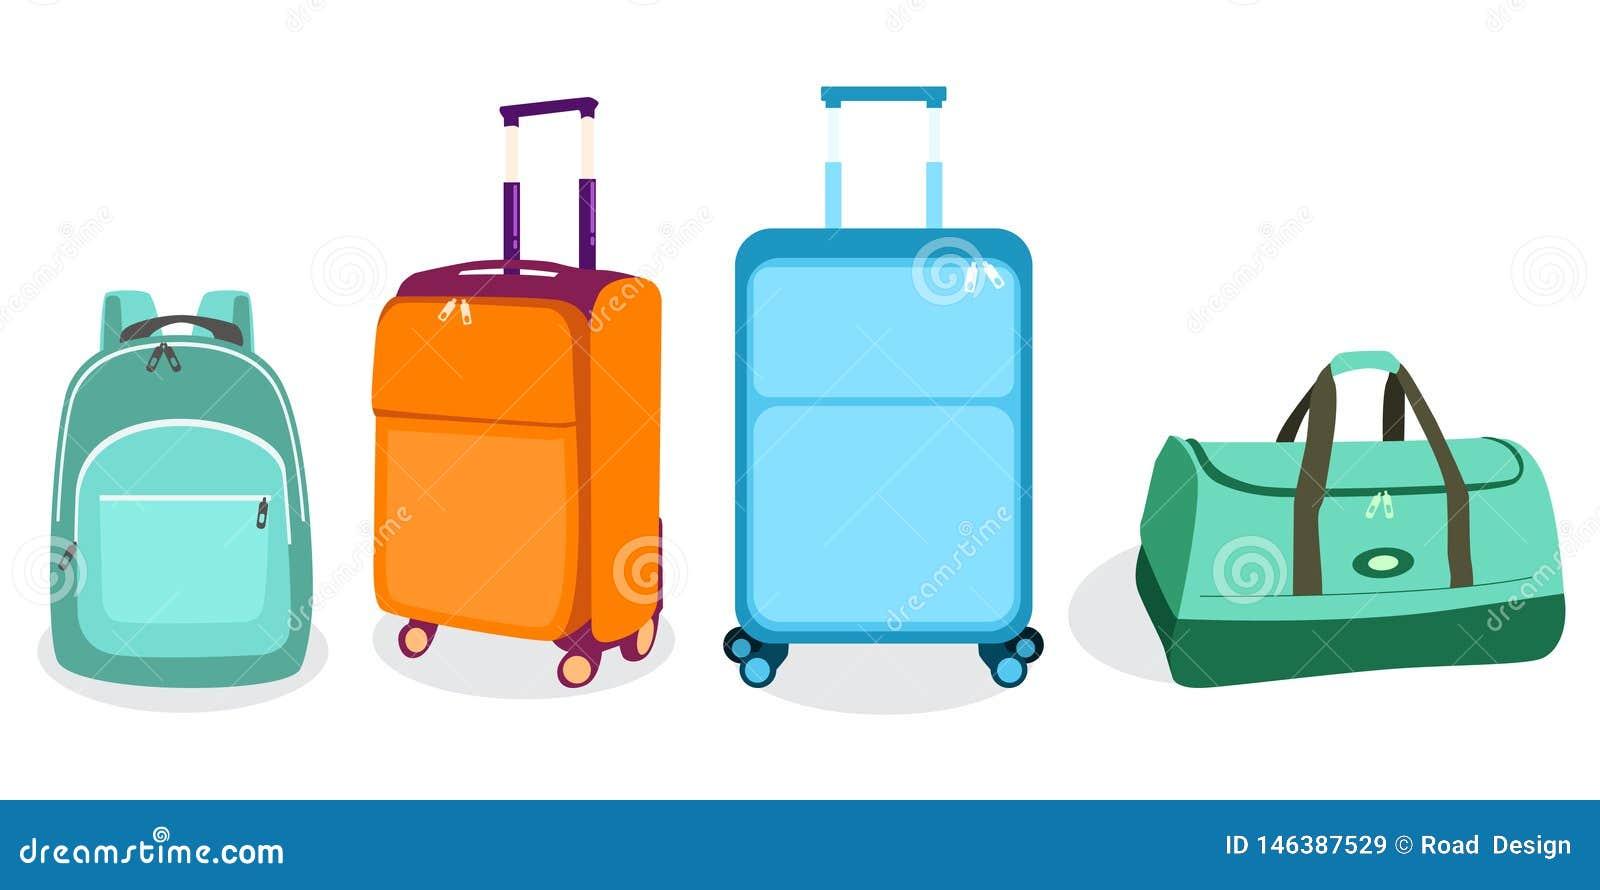 Ilustração do vetor do ícone das malas de viagem dos sacos do curso